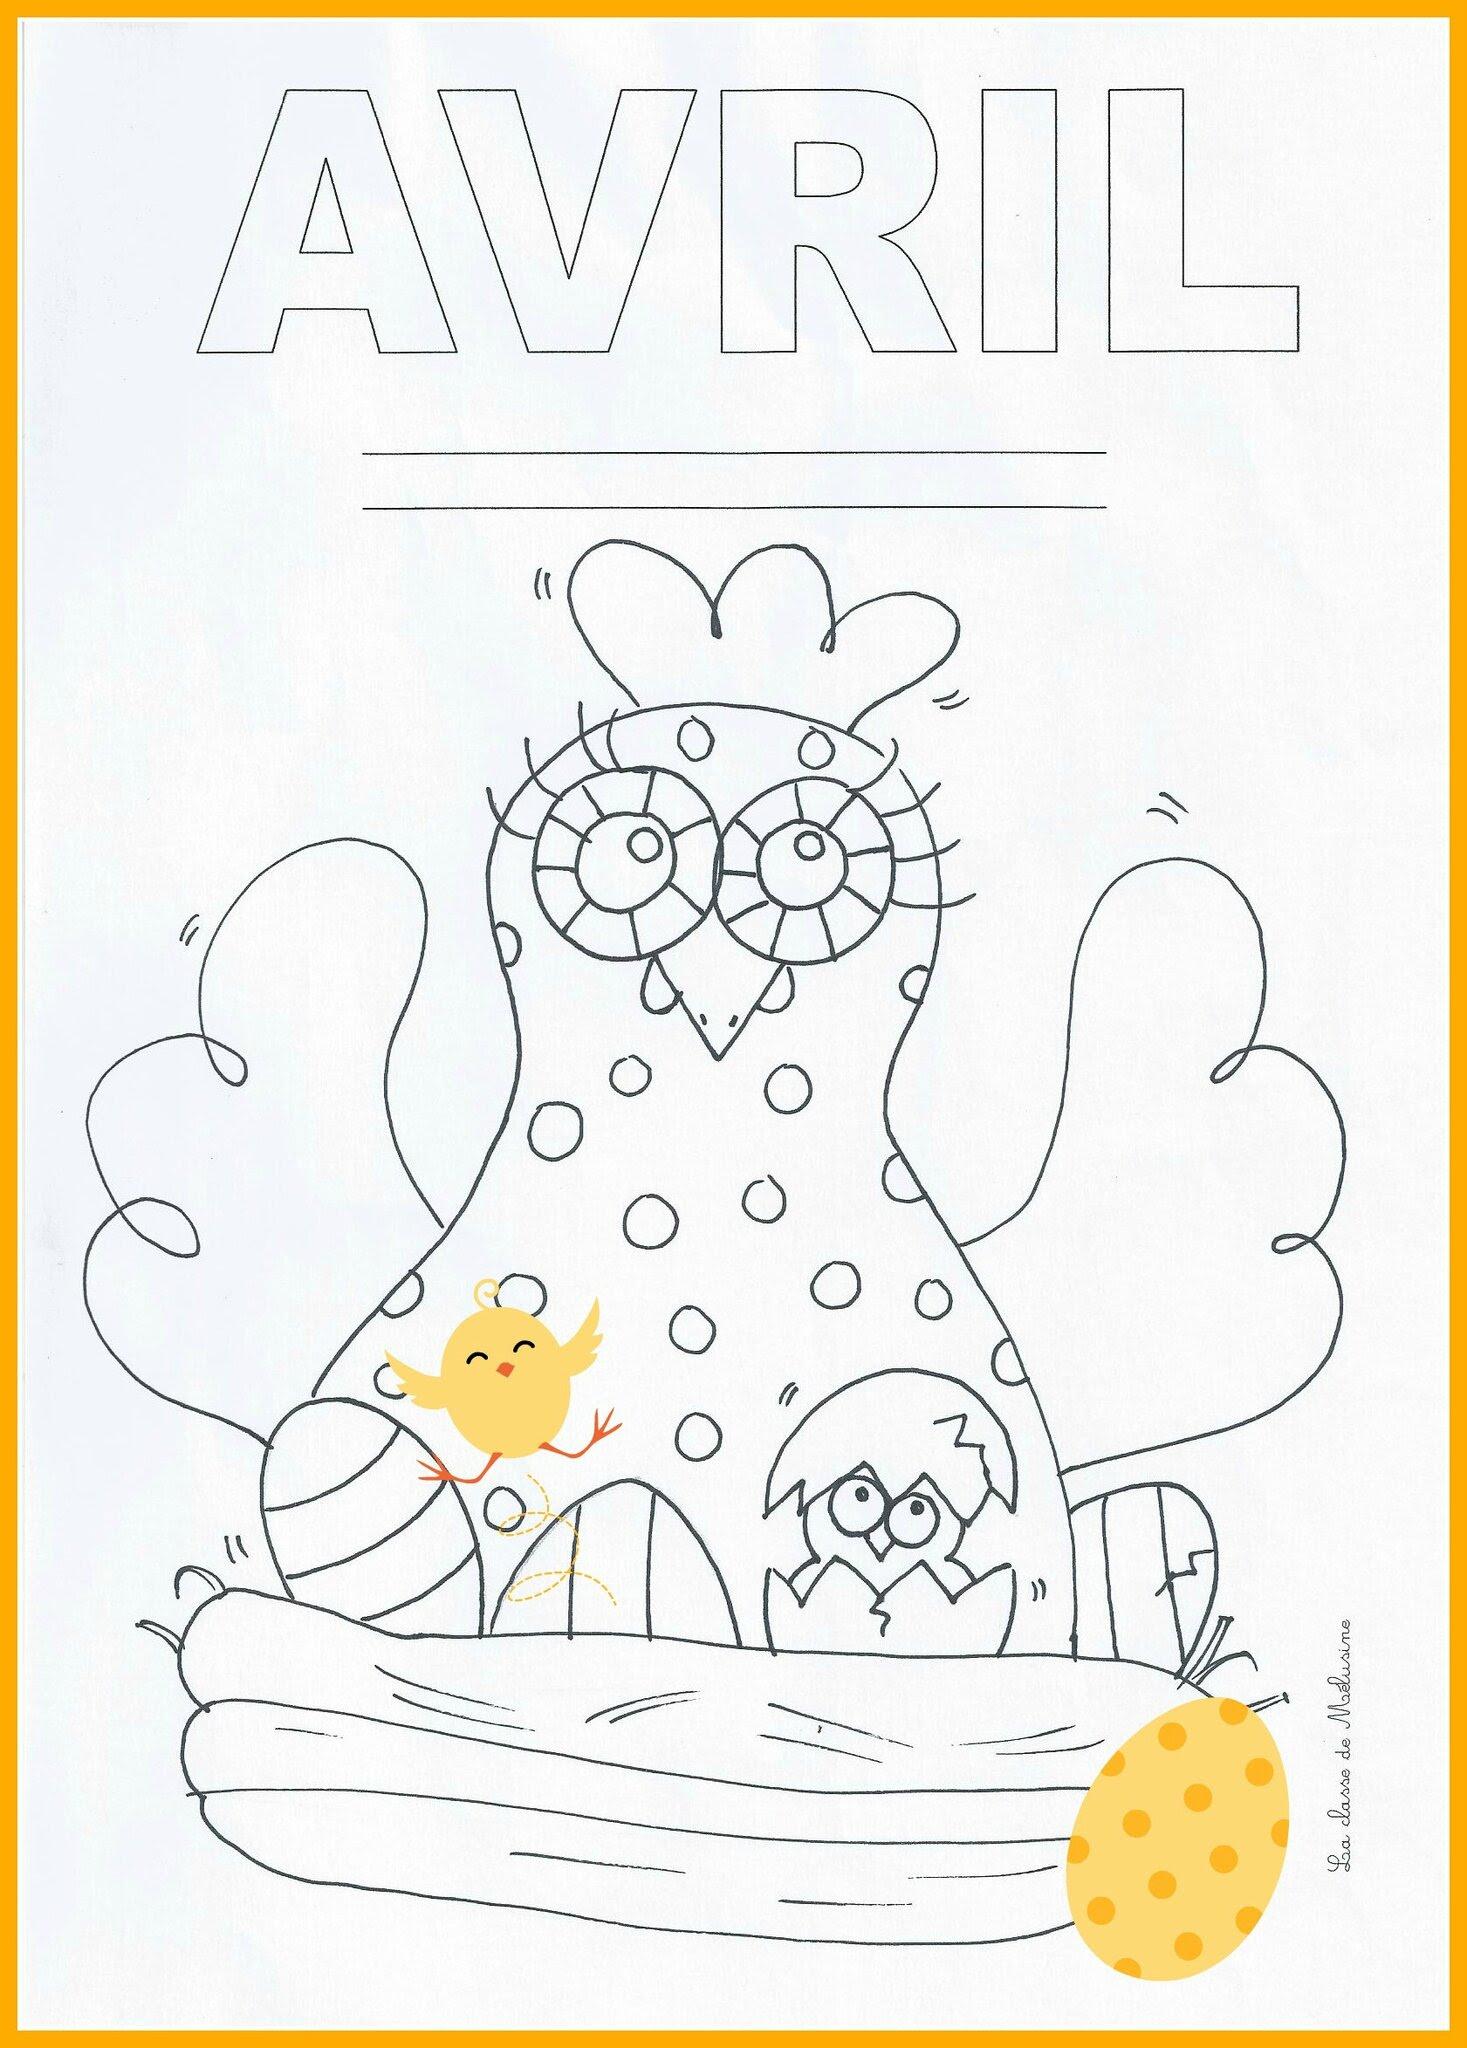 élégant Coloriage Mois D Avril Maternelle Des Milliers De